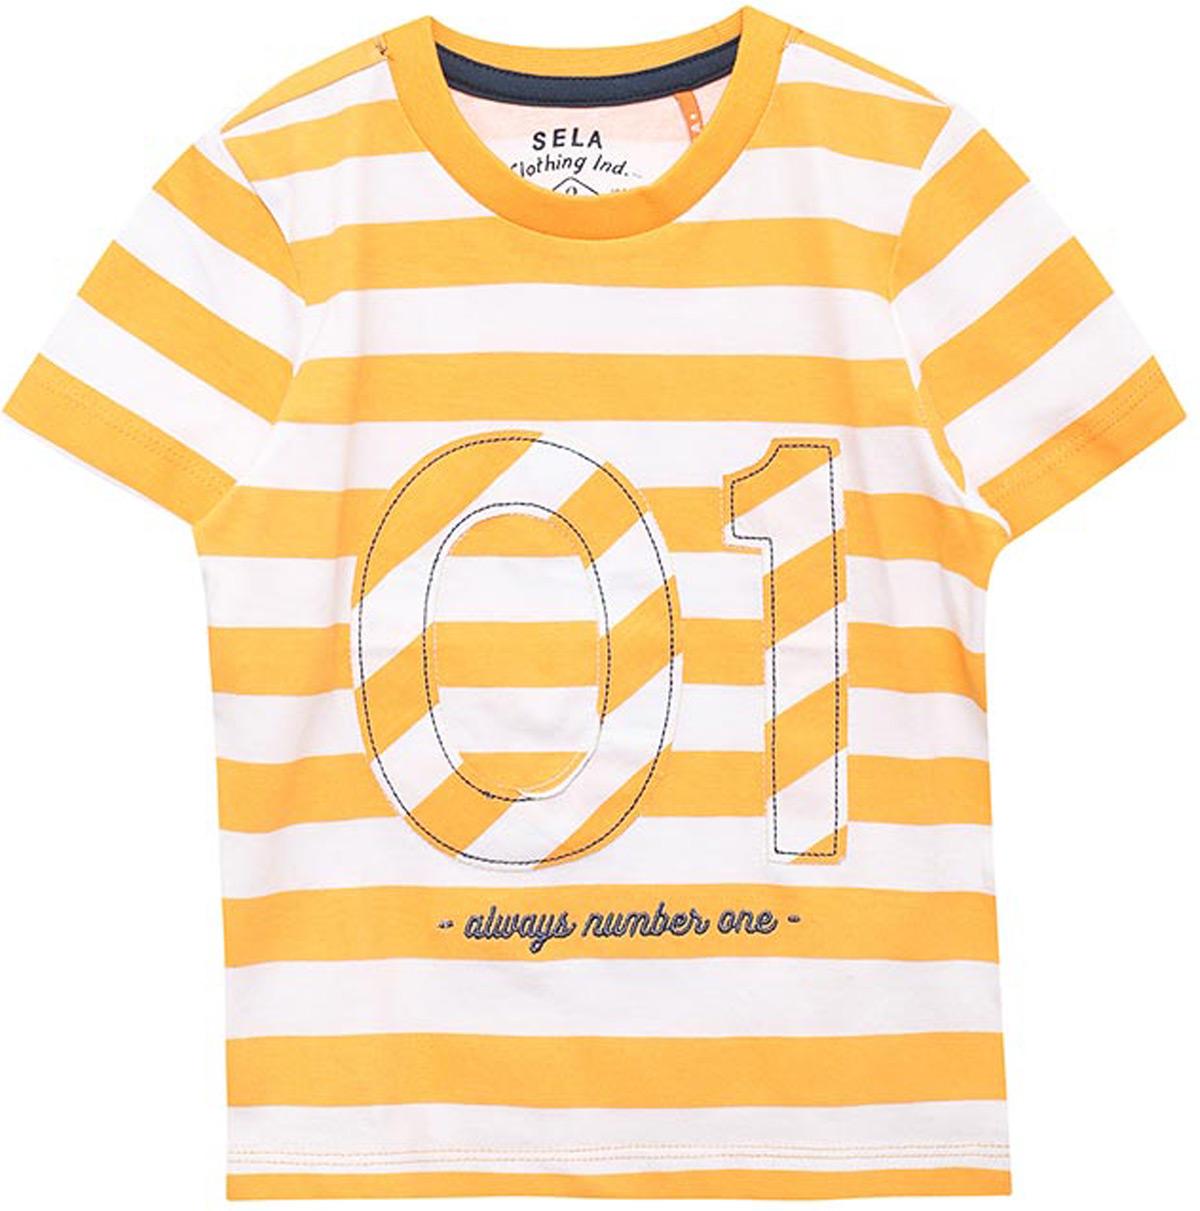 Футболка для мальчика Sela, цвет: банановый. Ts-711/538-8121. Размер 116, 6 лет футболка для мальчика sela цвет белый ts 711 567 8234 размер 116 6 лет